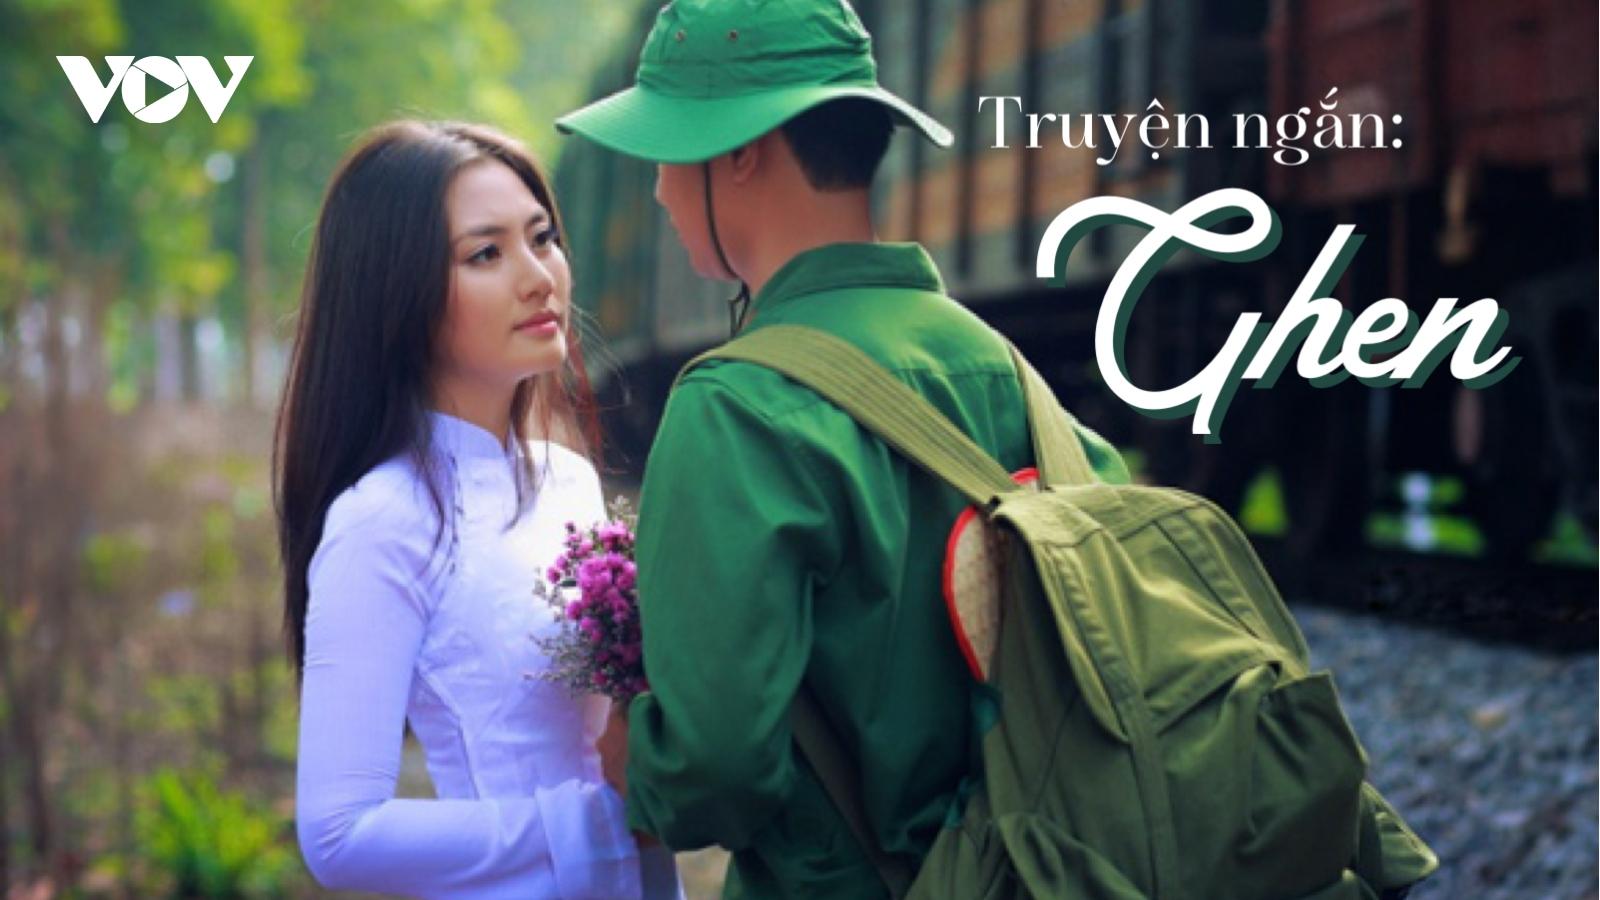 """Truyện ngắn: """"Ghen"""" - Gia vị tình yêu của người lính"""